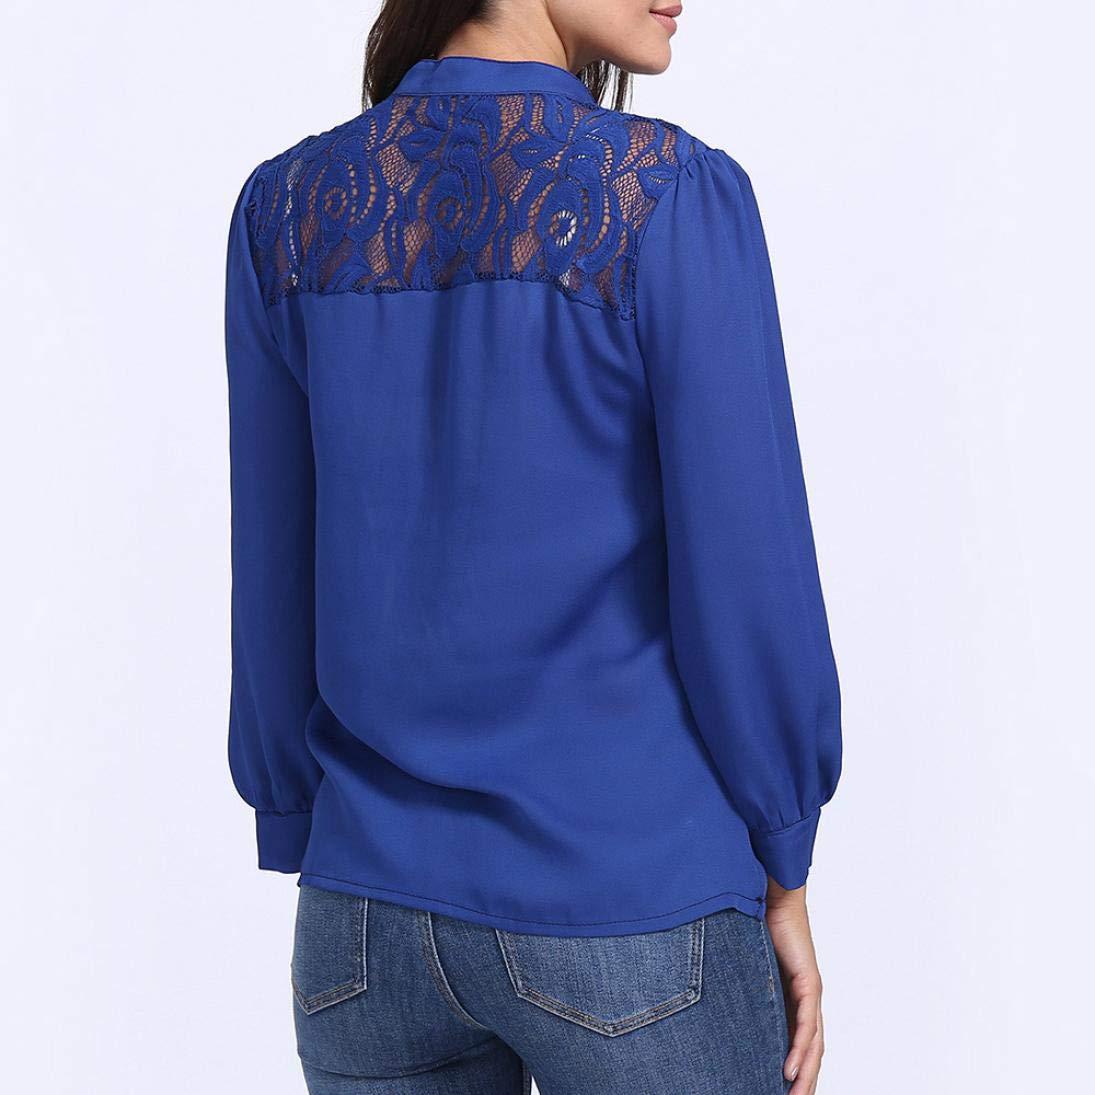 JiaMeng Camiseta para Mujer DE la Chaleco Top Blusa de Manga Larga con Cuello en V de Color Liso Blusas de Patchwork de Encaje con Estilo: Amazon.es: Ropa y ...